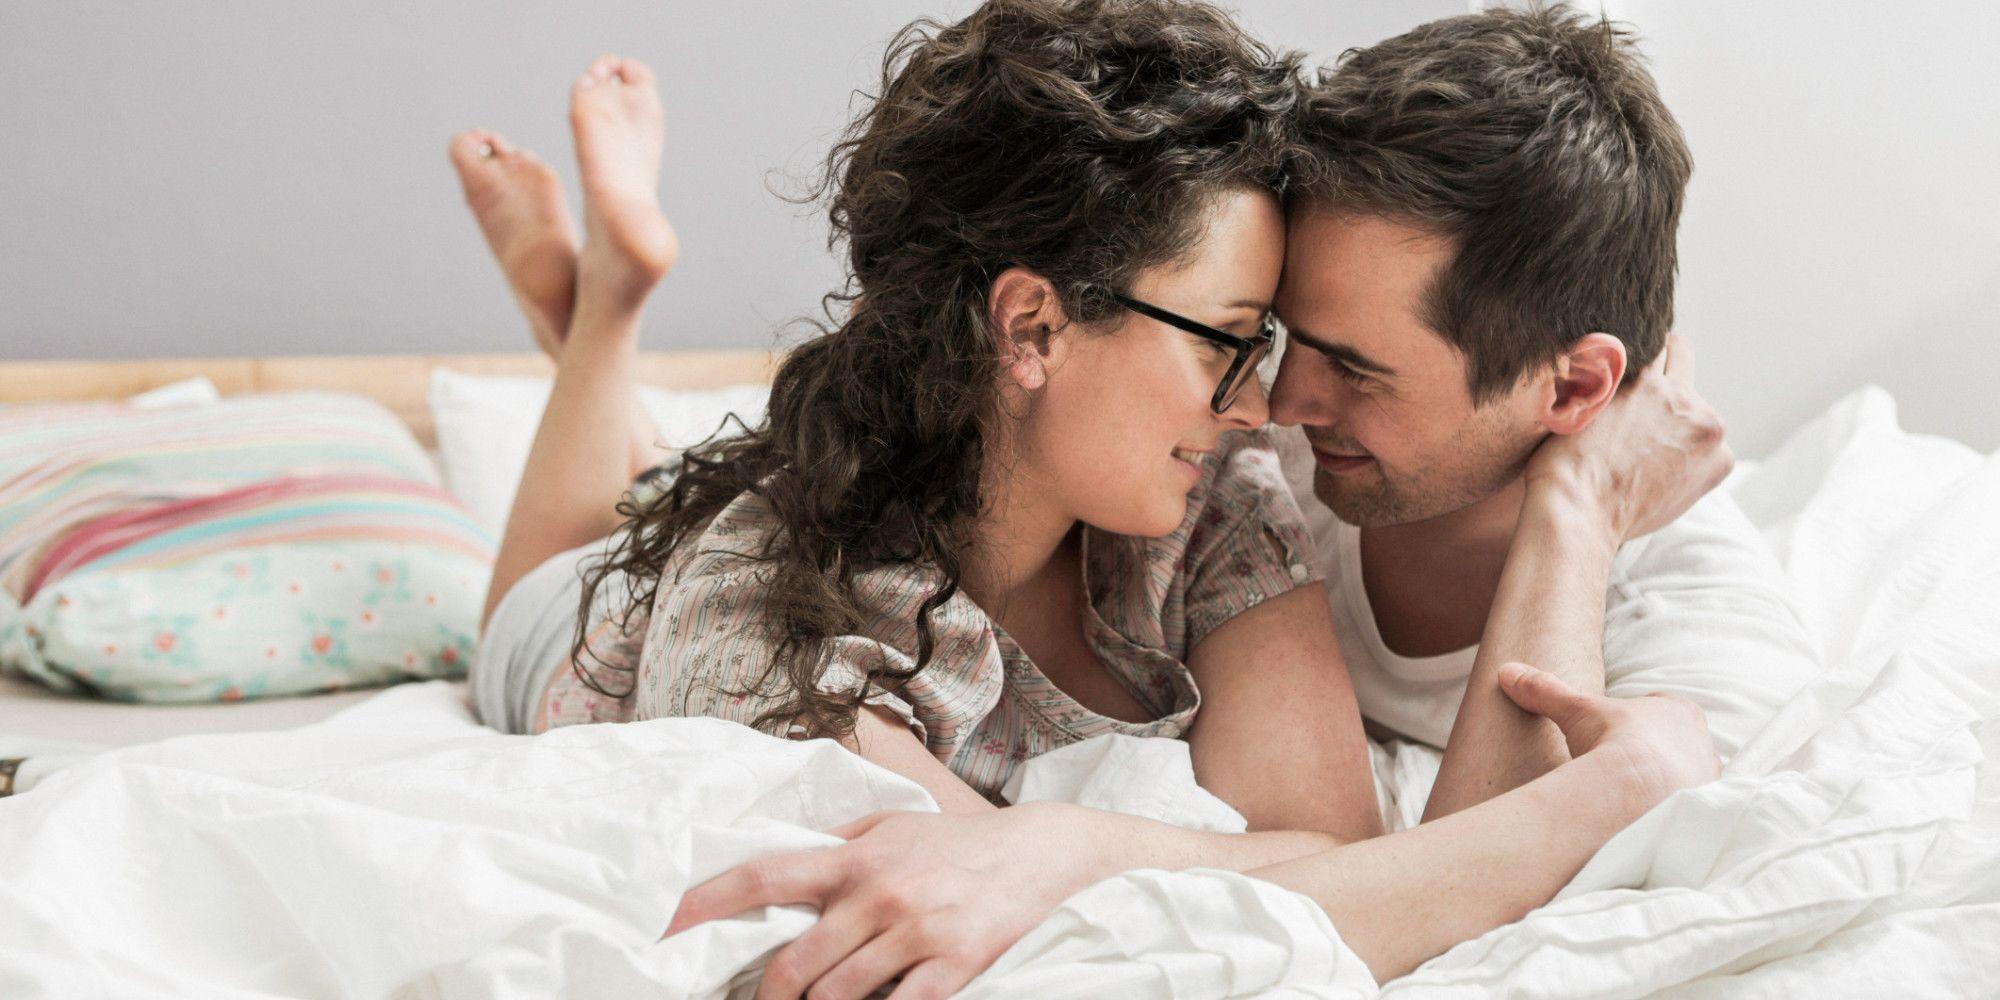 3. Foreplay / rangsangan